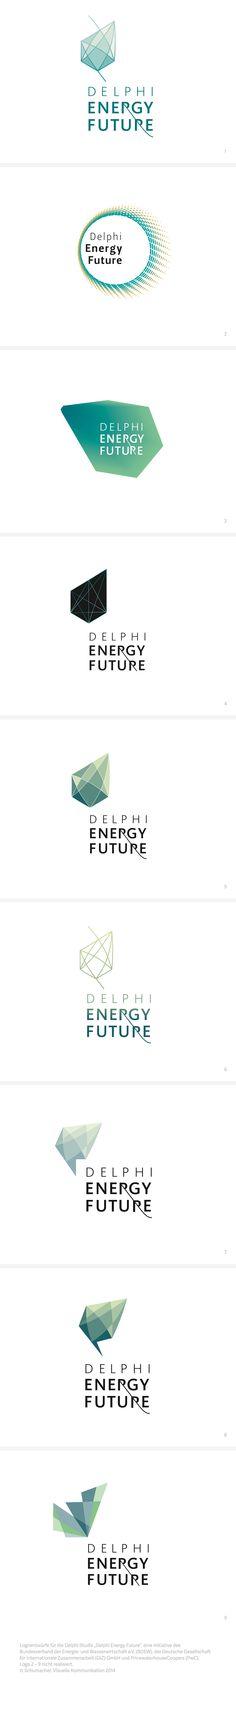 """Logos / Logoentwürfe für die Delphi Studie """"Delphi Energy Future"""", eine Initiative des Bundesverband der Energie- und Wasserwirtschaft e.V. (BDEW), der Deutschen Gesellschaft  für Internationale Zusammenarbeit (GIZ) GmbH und PricewaterhouseCoopers (PwC) #logo #energie #future"""